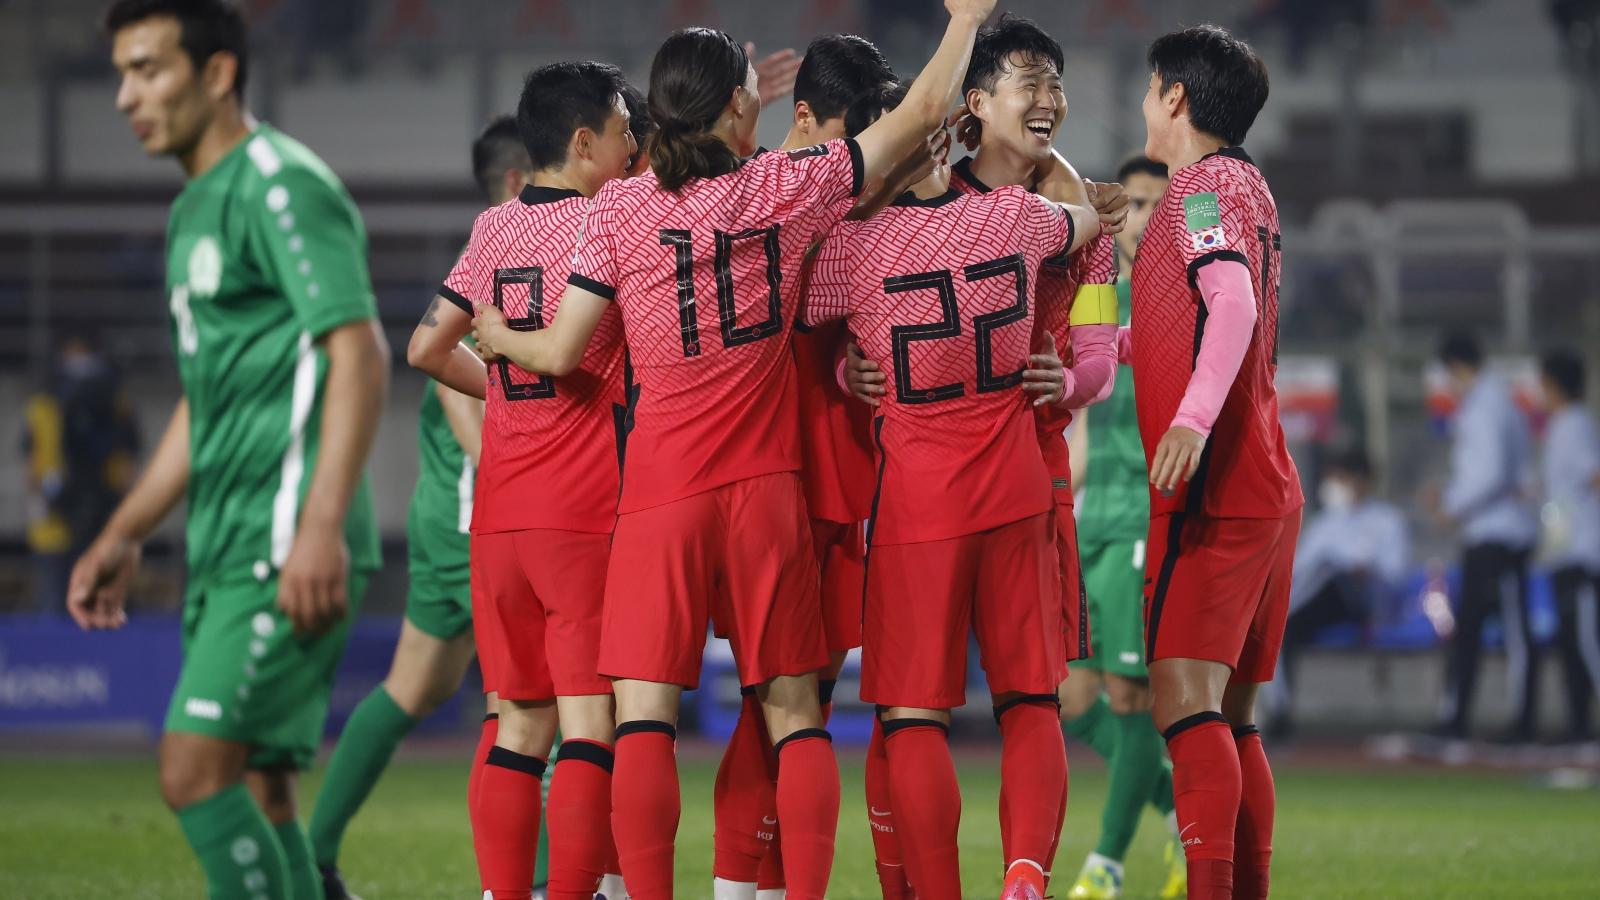 """Lịch thi đấu bóng đá hôm nay (9/6): ĐT Hàn Quốc tạo """"cơn mưa bàn thắng""""?"""